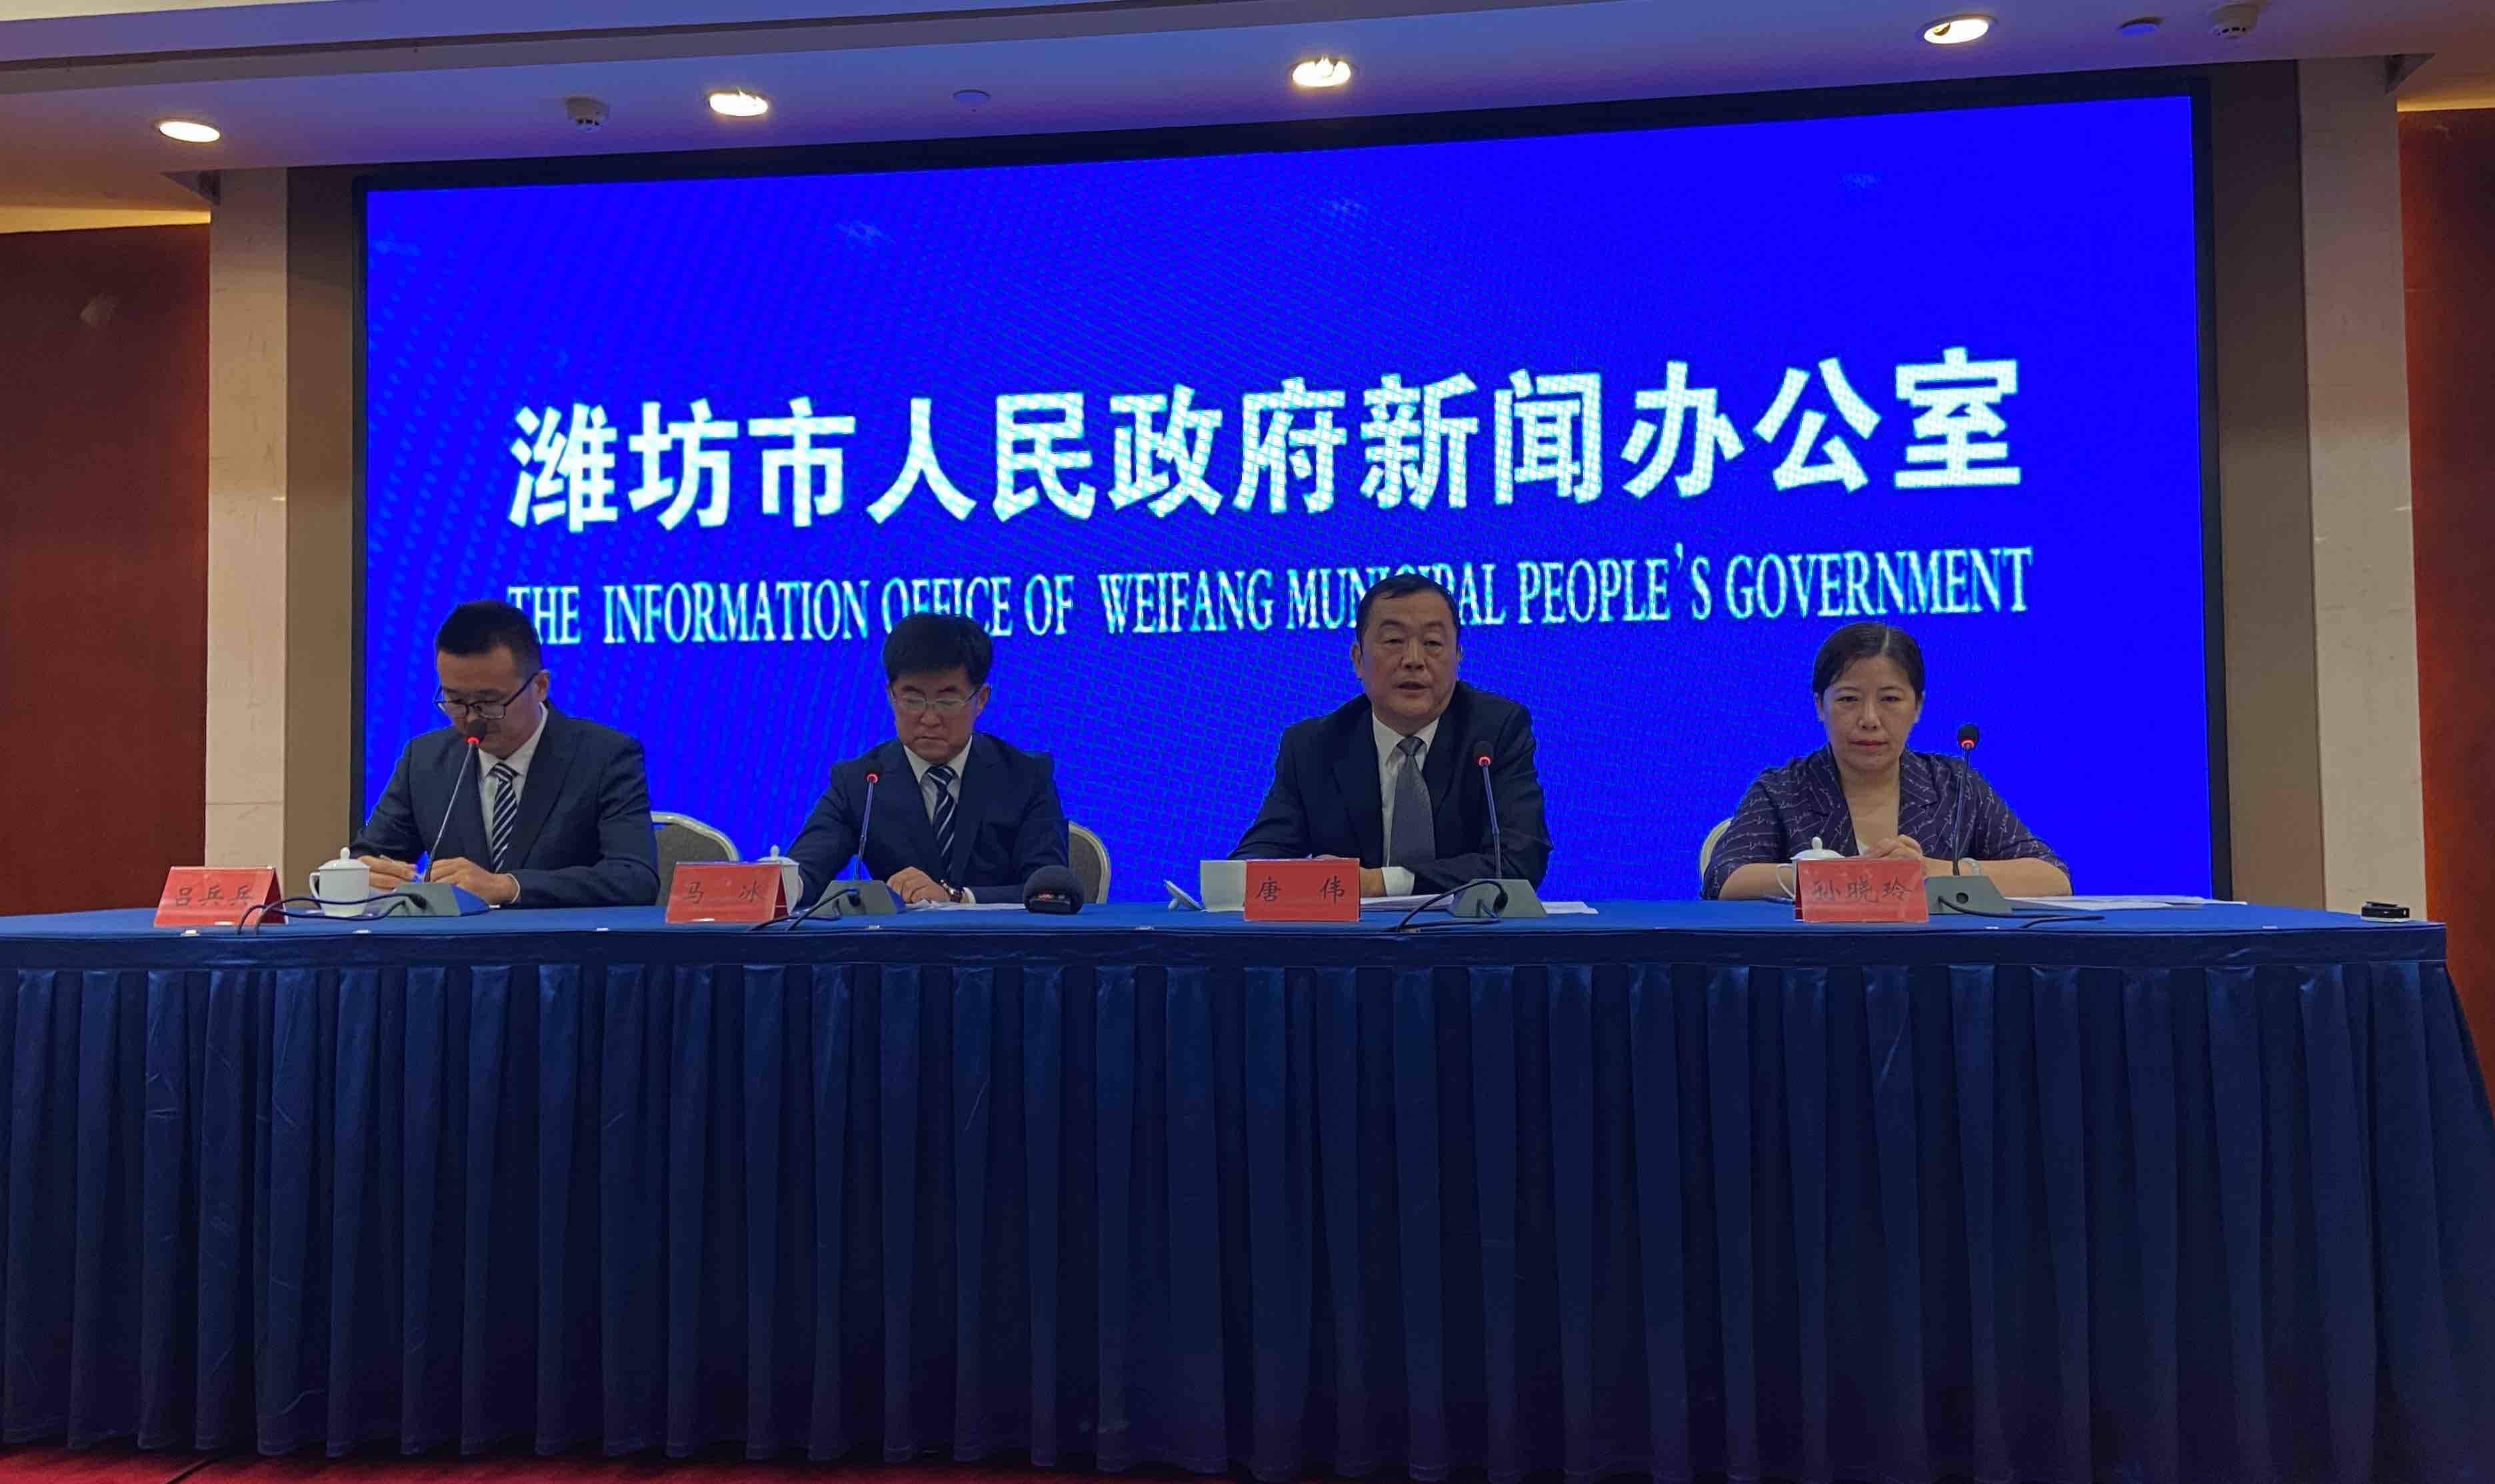 潍坊出台21条新措施 提高环卫工人待遇